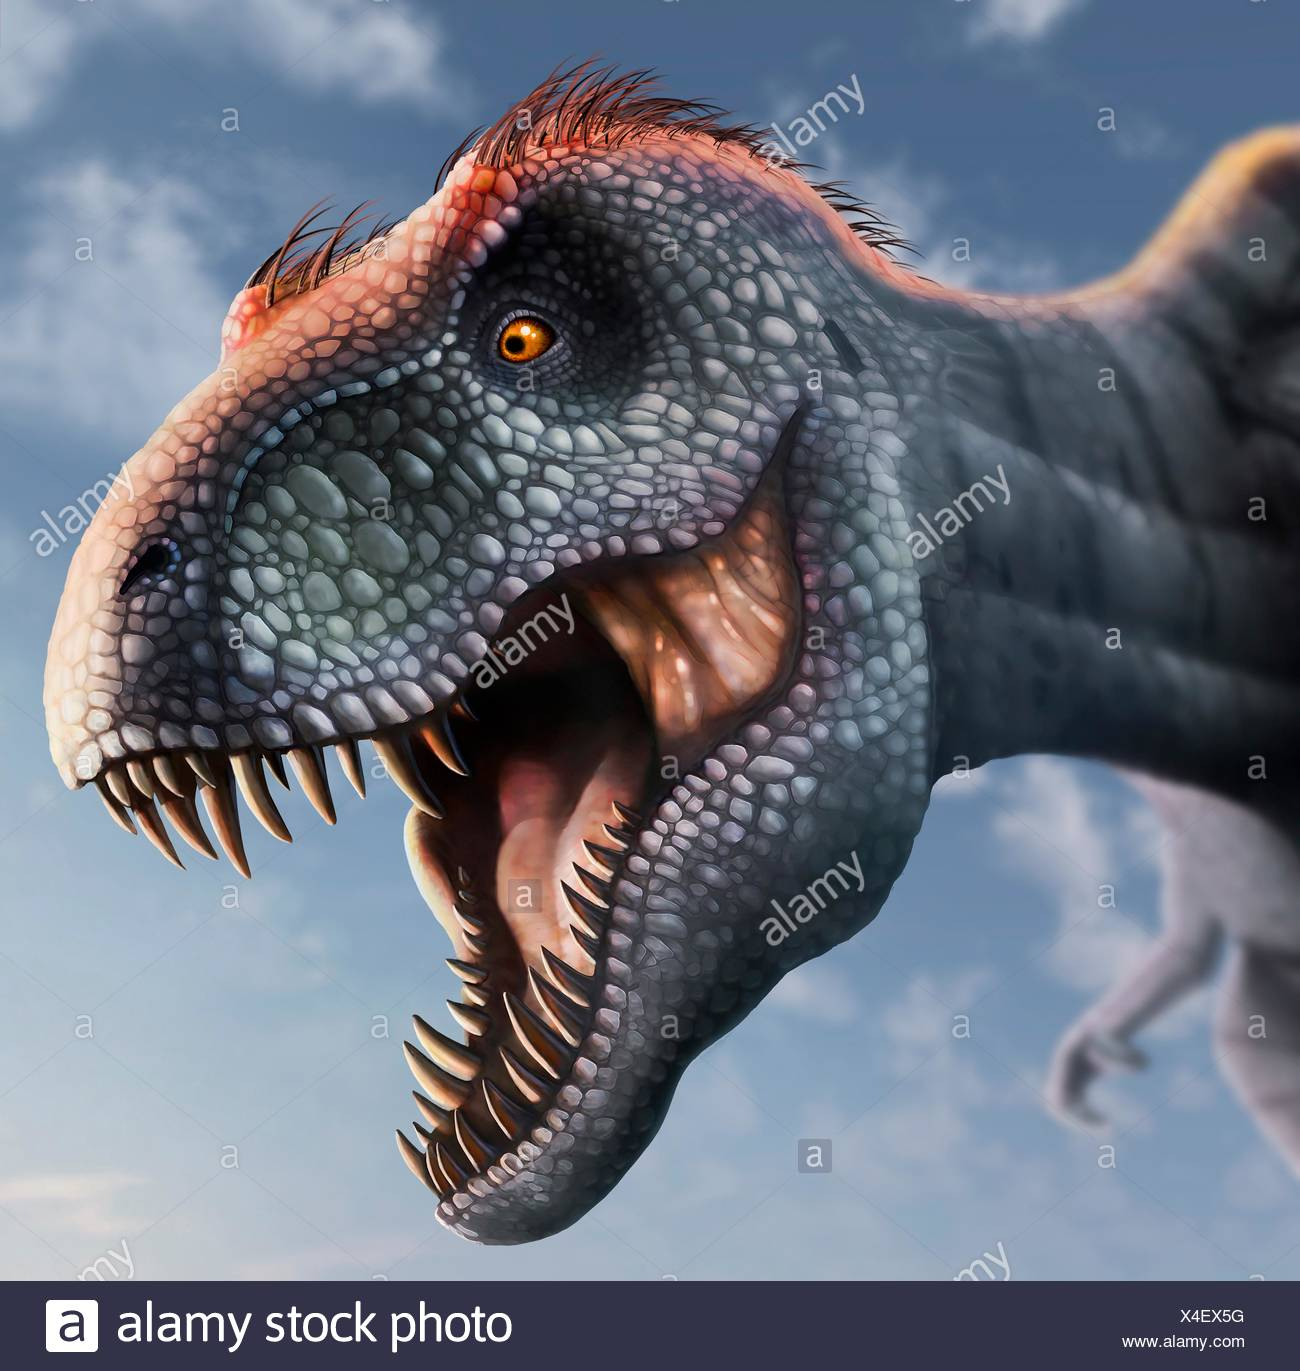 Tyrannosaurus Rex Cabeza Ilustracion Este Dinosaurio Vivia En America Del Norte Desde Hace 70 Millones De 5 dinosaurios captados en cámara y vistos en la vida real, en algunas ocaciones pensamos que algunas especies prehistóricas están existas como por ejemplo. https www alamy es tyrannosaurus rex cabeza ilustracion este dinosaurio vivia en america del norte desde hace 70 millones de anos hasta la extincion de los dinosaurios de unos 5 millones de anos mas tarde la cabeza esta fuertemente construida para soportar impactos con presas animales y tiene los dientes afilados de un depredador t rex se piensa para haber sido un scavenger asi como un cazador entre los mas grandes dinosaurios carnivoros t rex fue de hasta 6 metros de altura y pesa tanto como 7 toneladas el animal esta representado con plumas marrones aunque si se tenian en la vida real es especulativa image278152380 html